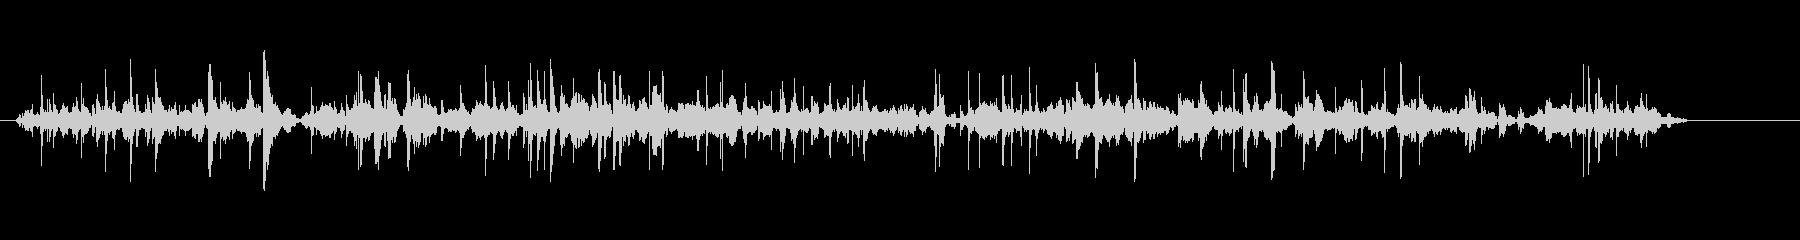 ペンション-テーブルフードアンビエンスの未再生の波形